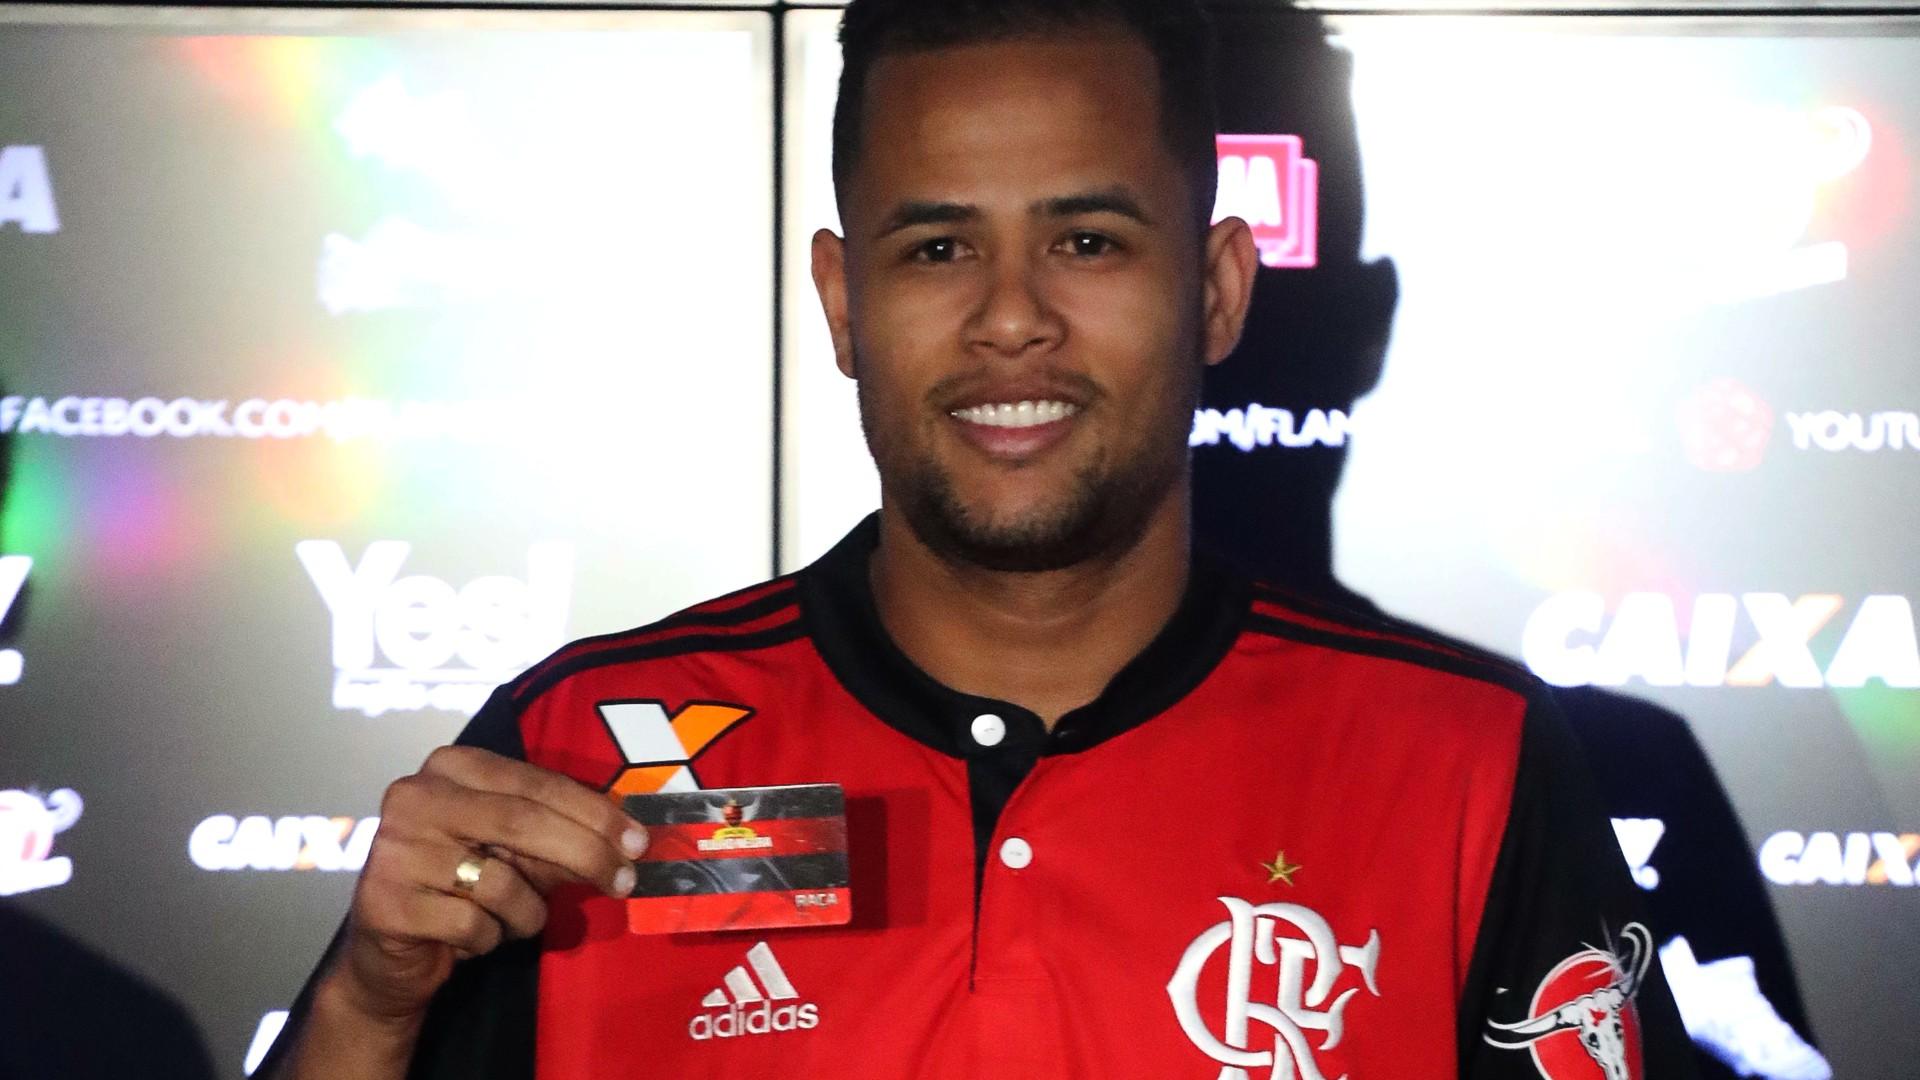 Saiba qual canal transmite o jogo ao vivo — Flamengo x Grêmio